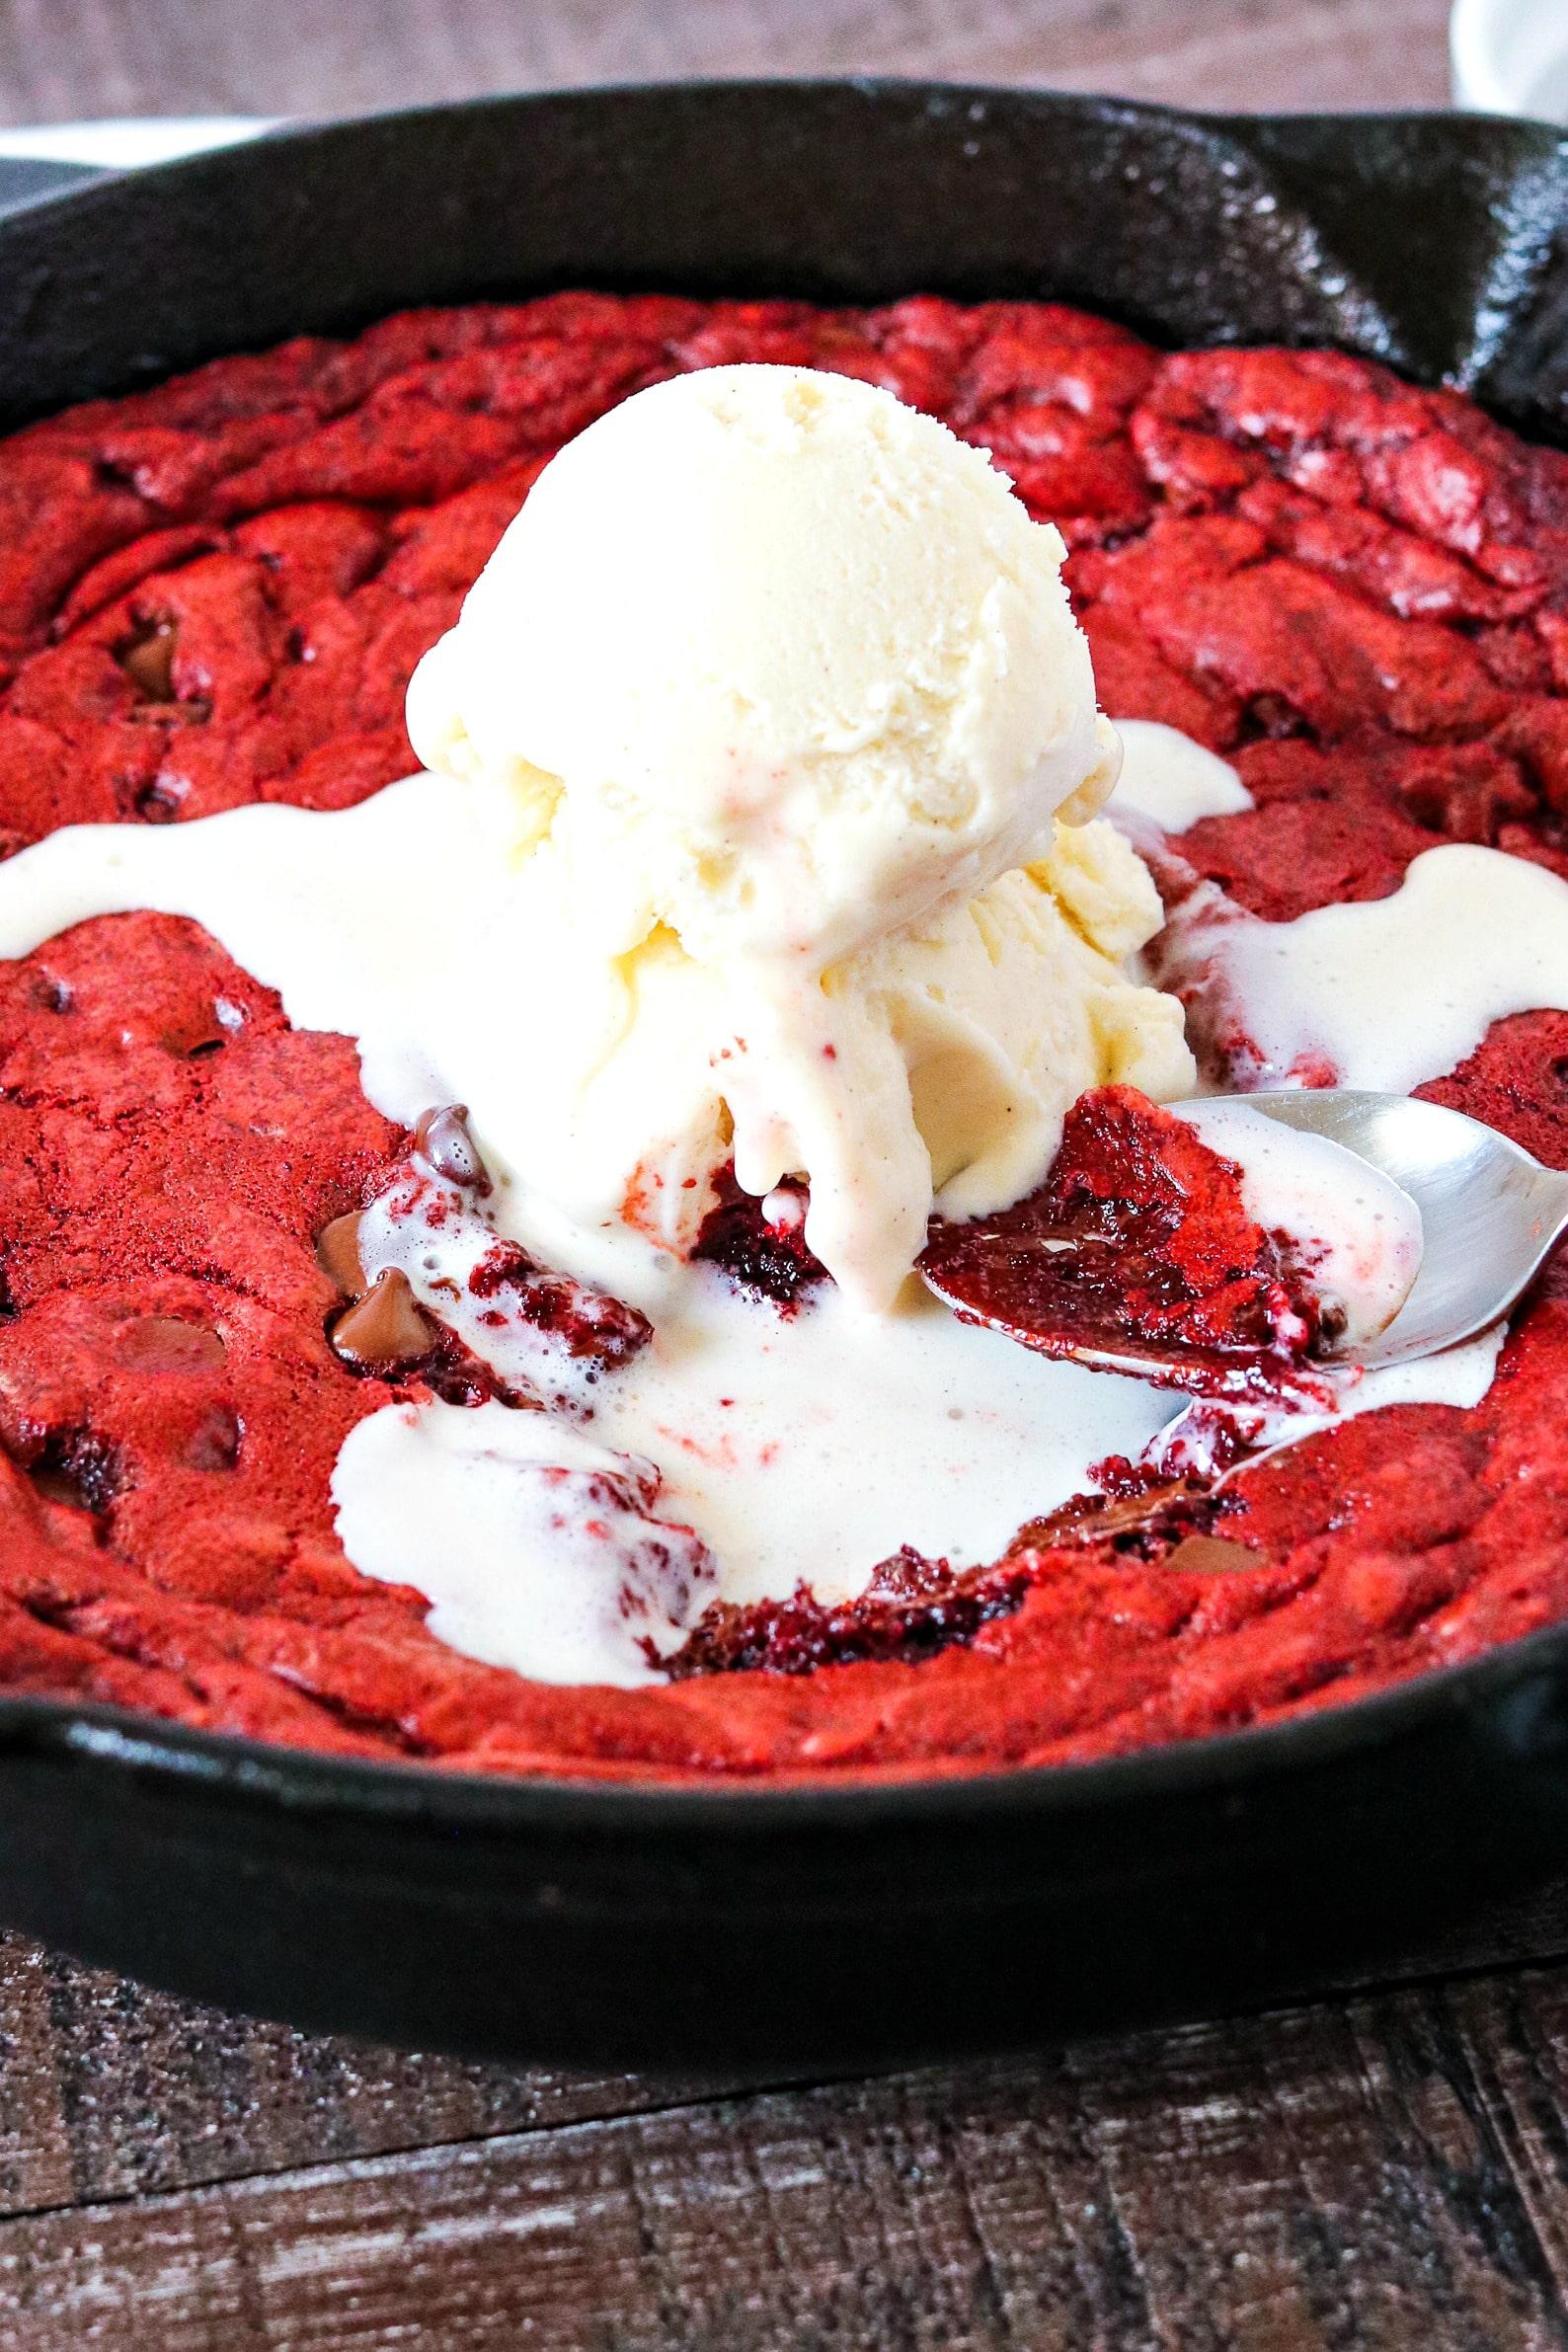 Red Velvet Ooey Gooey Cake